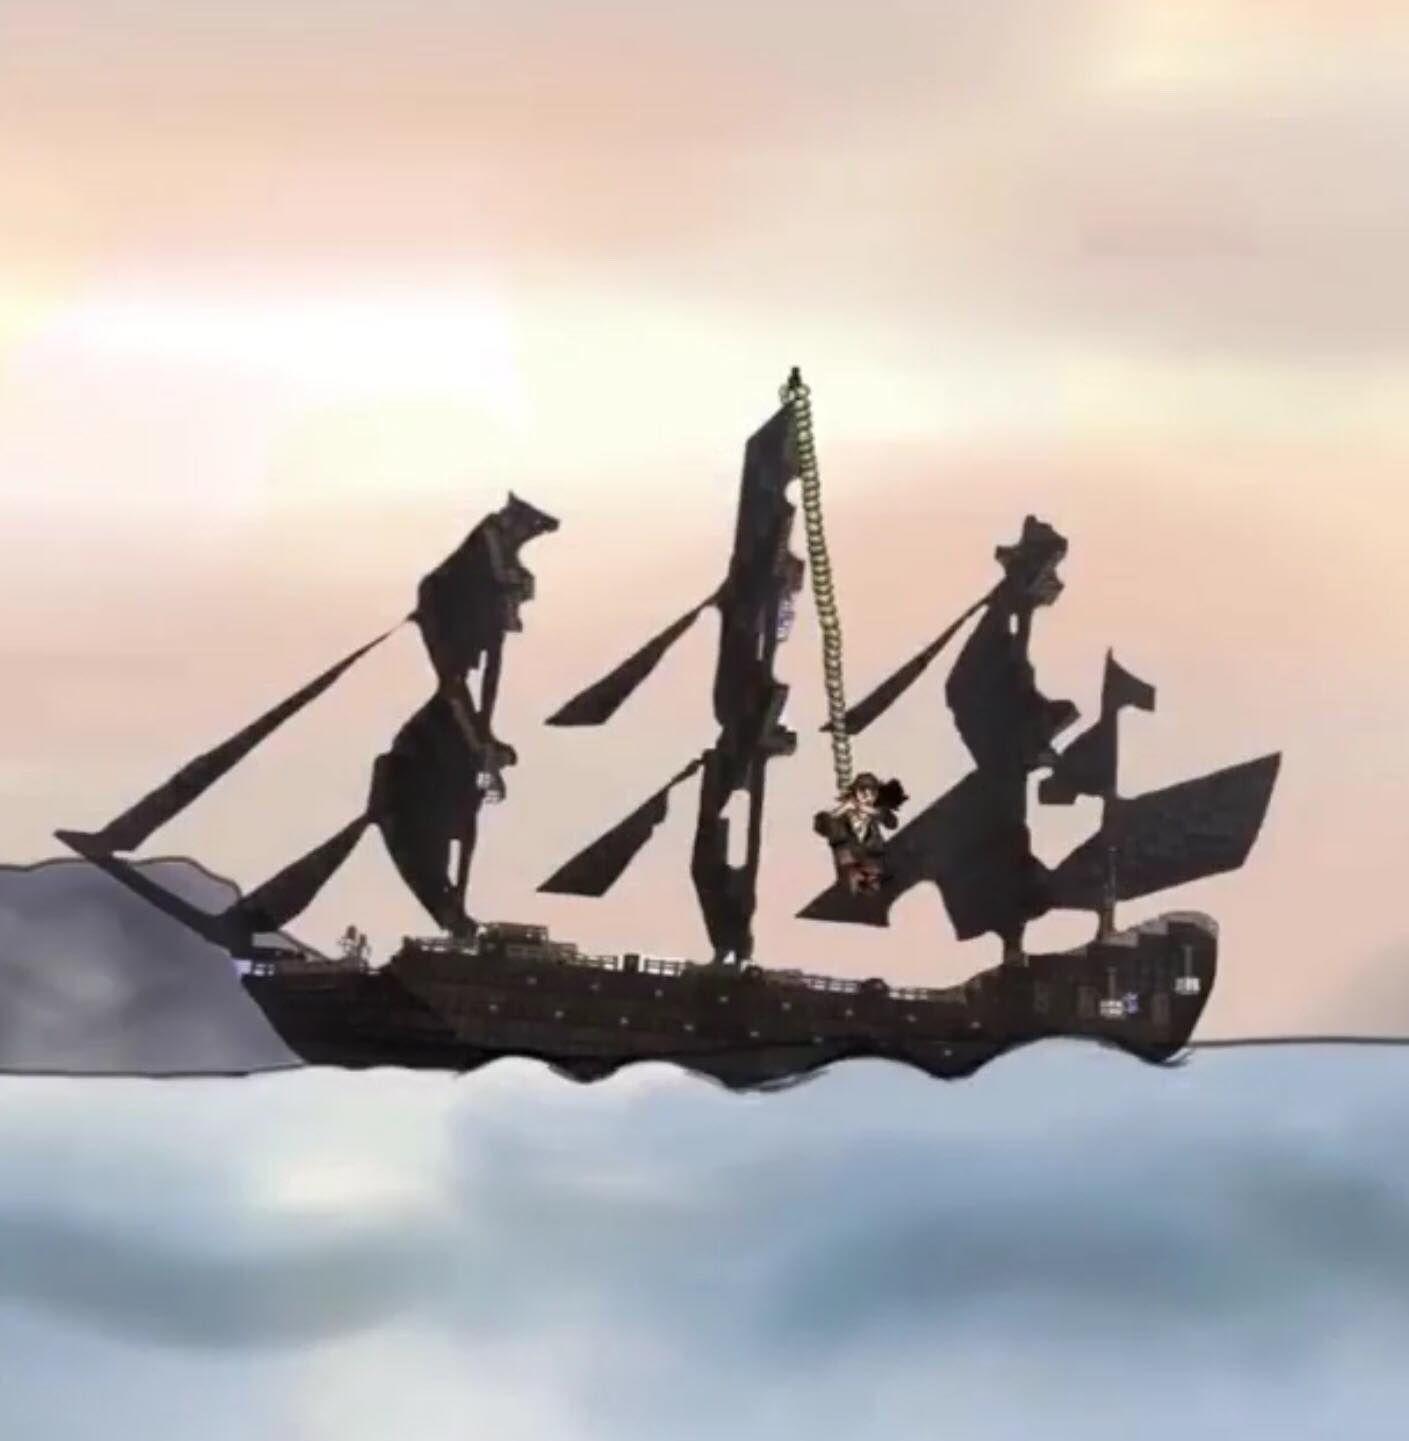 Dessins que j'ai réalisés de Jack Sparrow (vous ne serez pas ce genre de pirate)